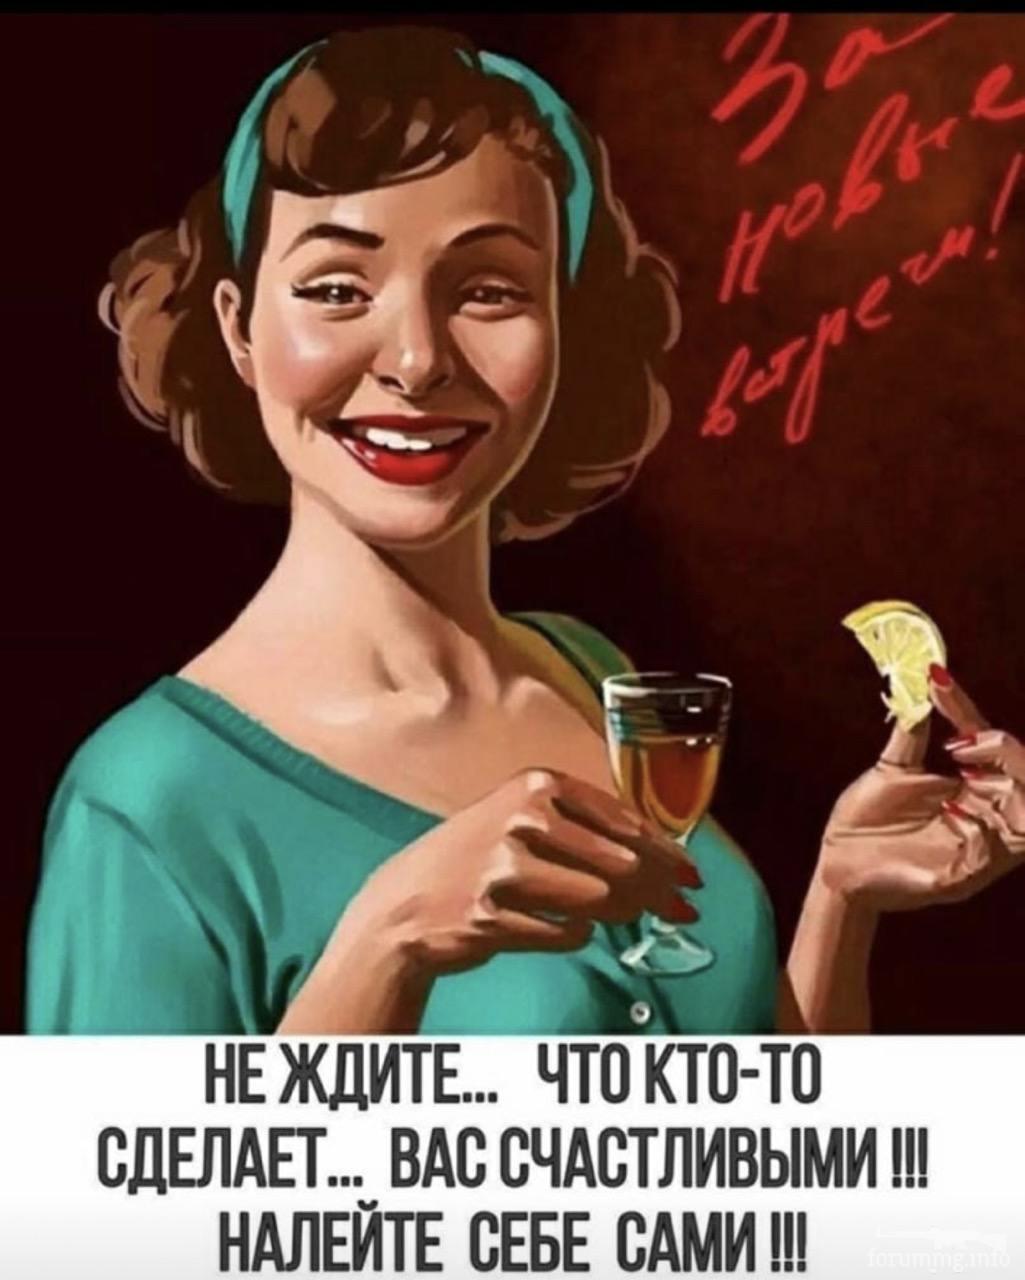 120427 - Пить или не пить? - пятничная алкогольная тема )))